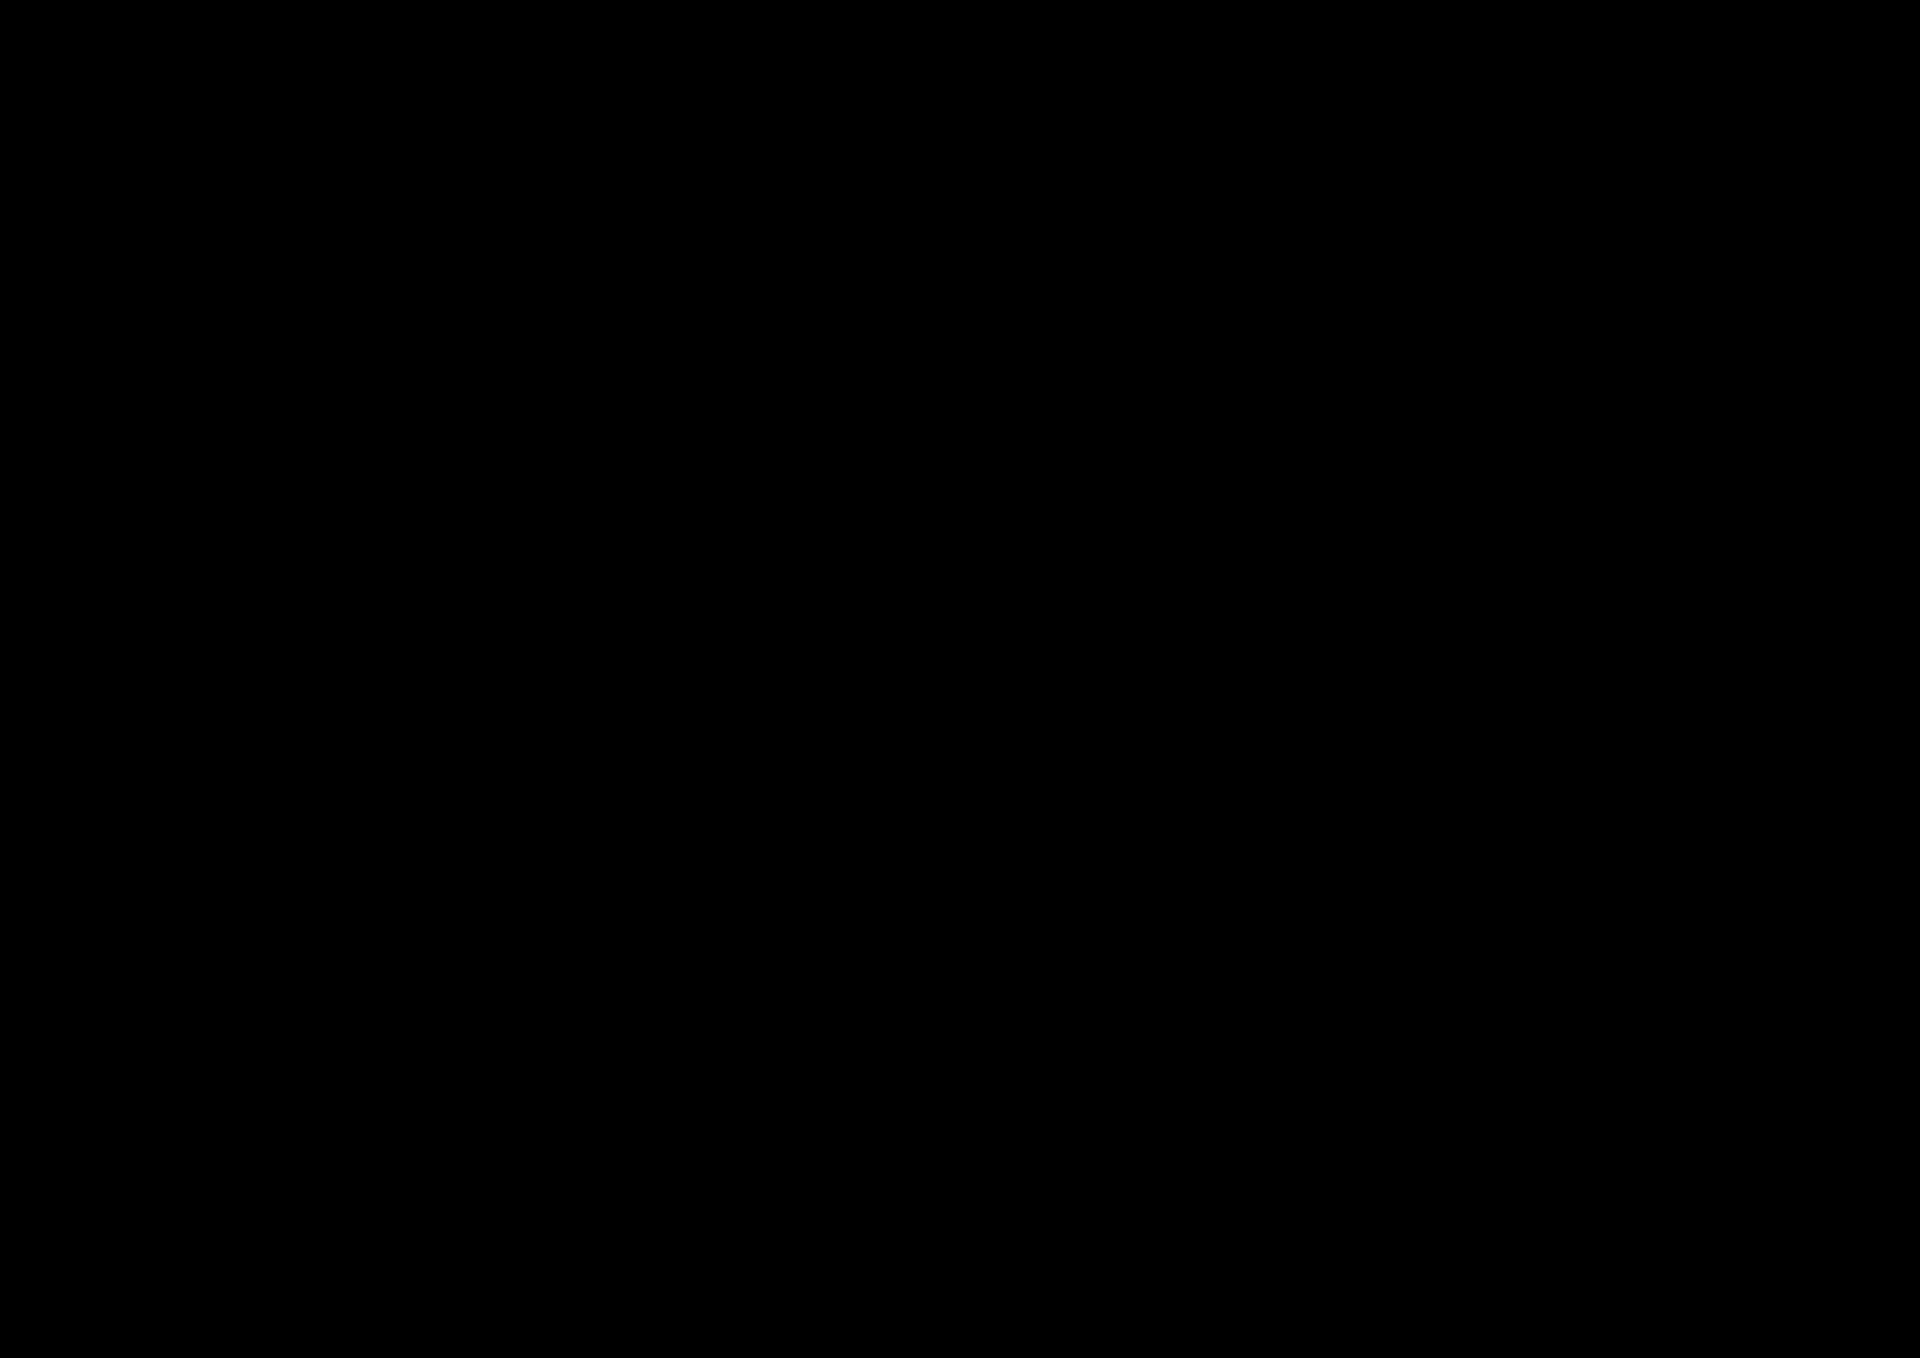 geometryczna płyta rectangles wizualizacja